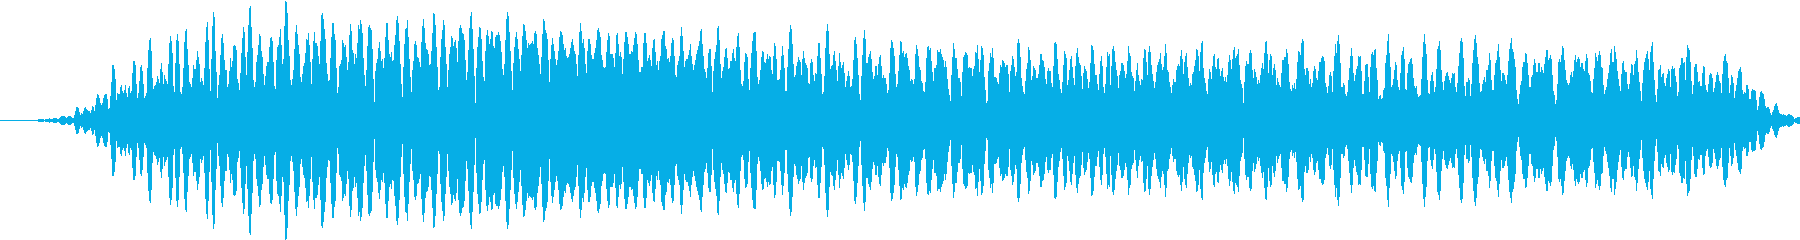 電子レーザーコンピューターデータま...の再生済みの波形